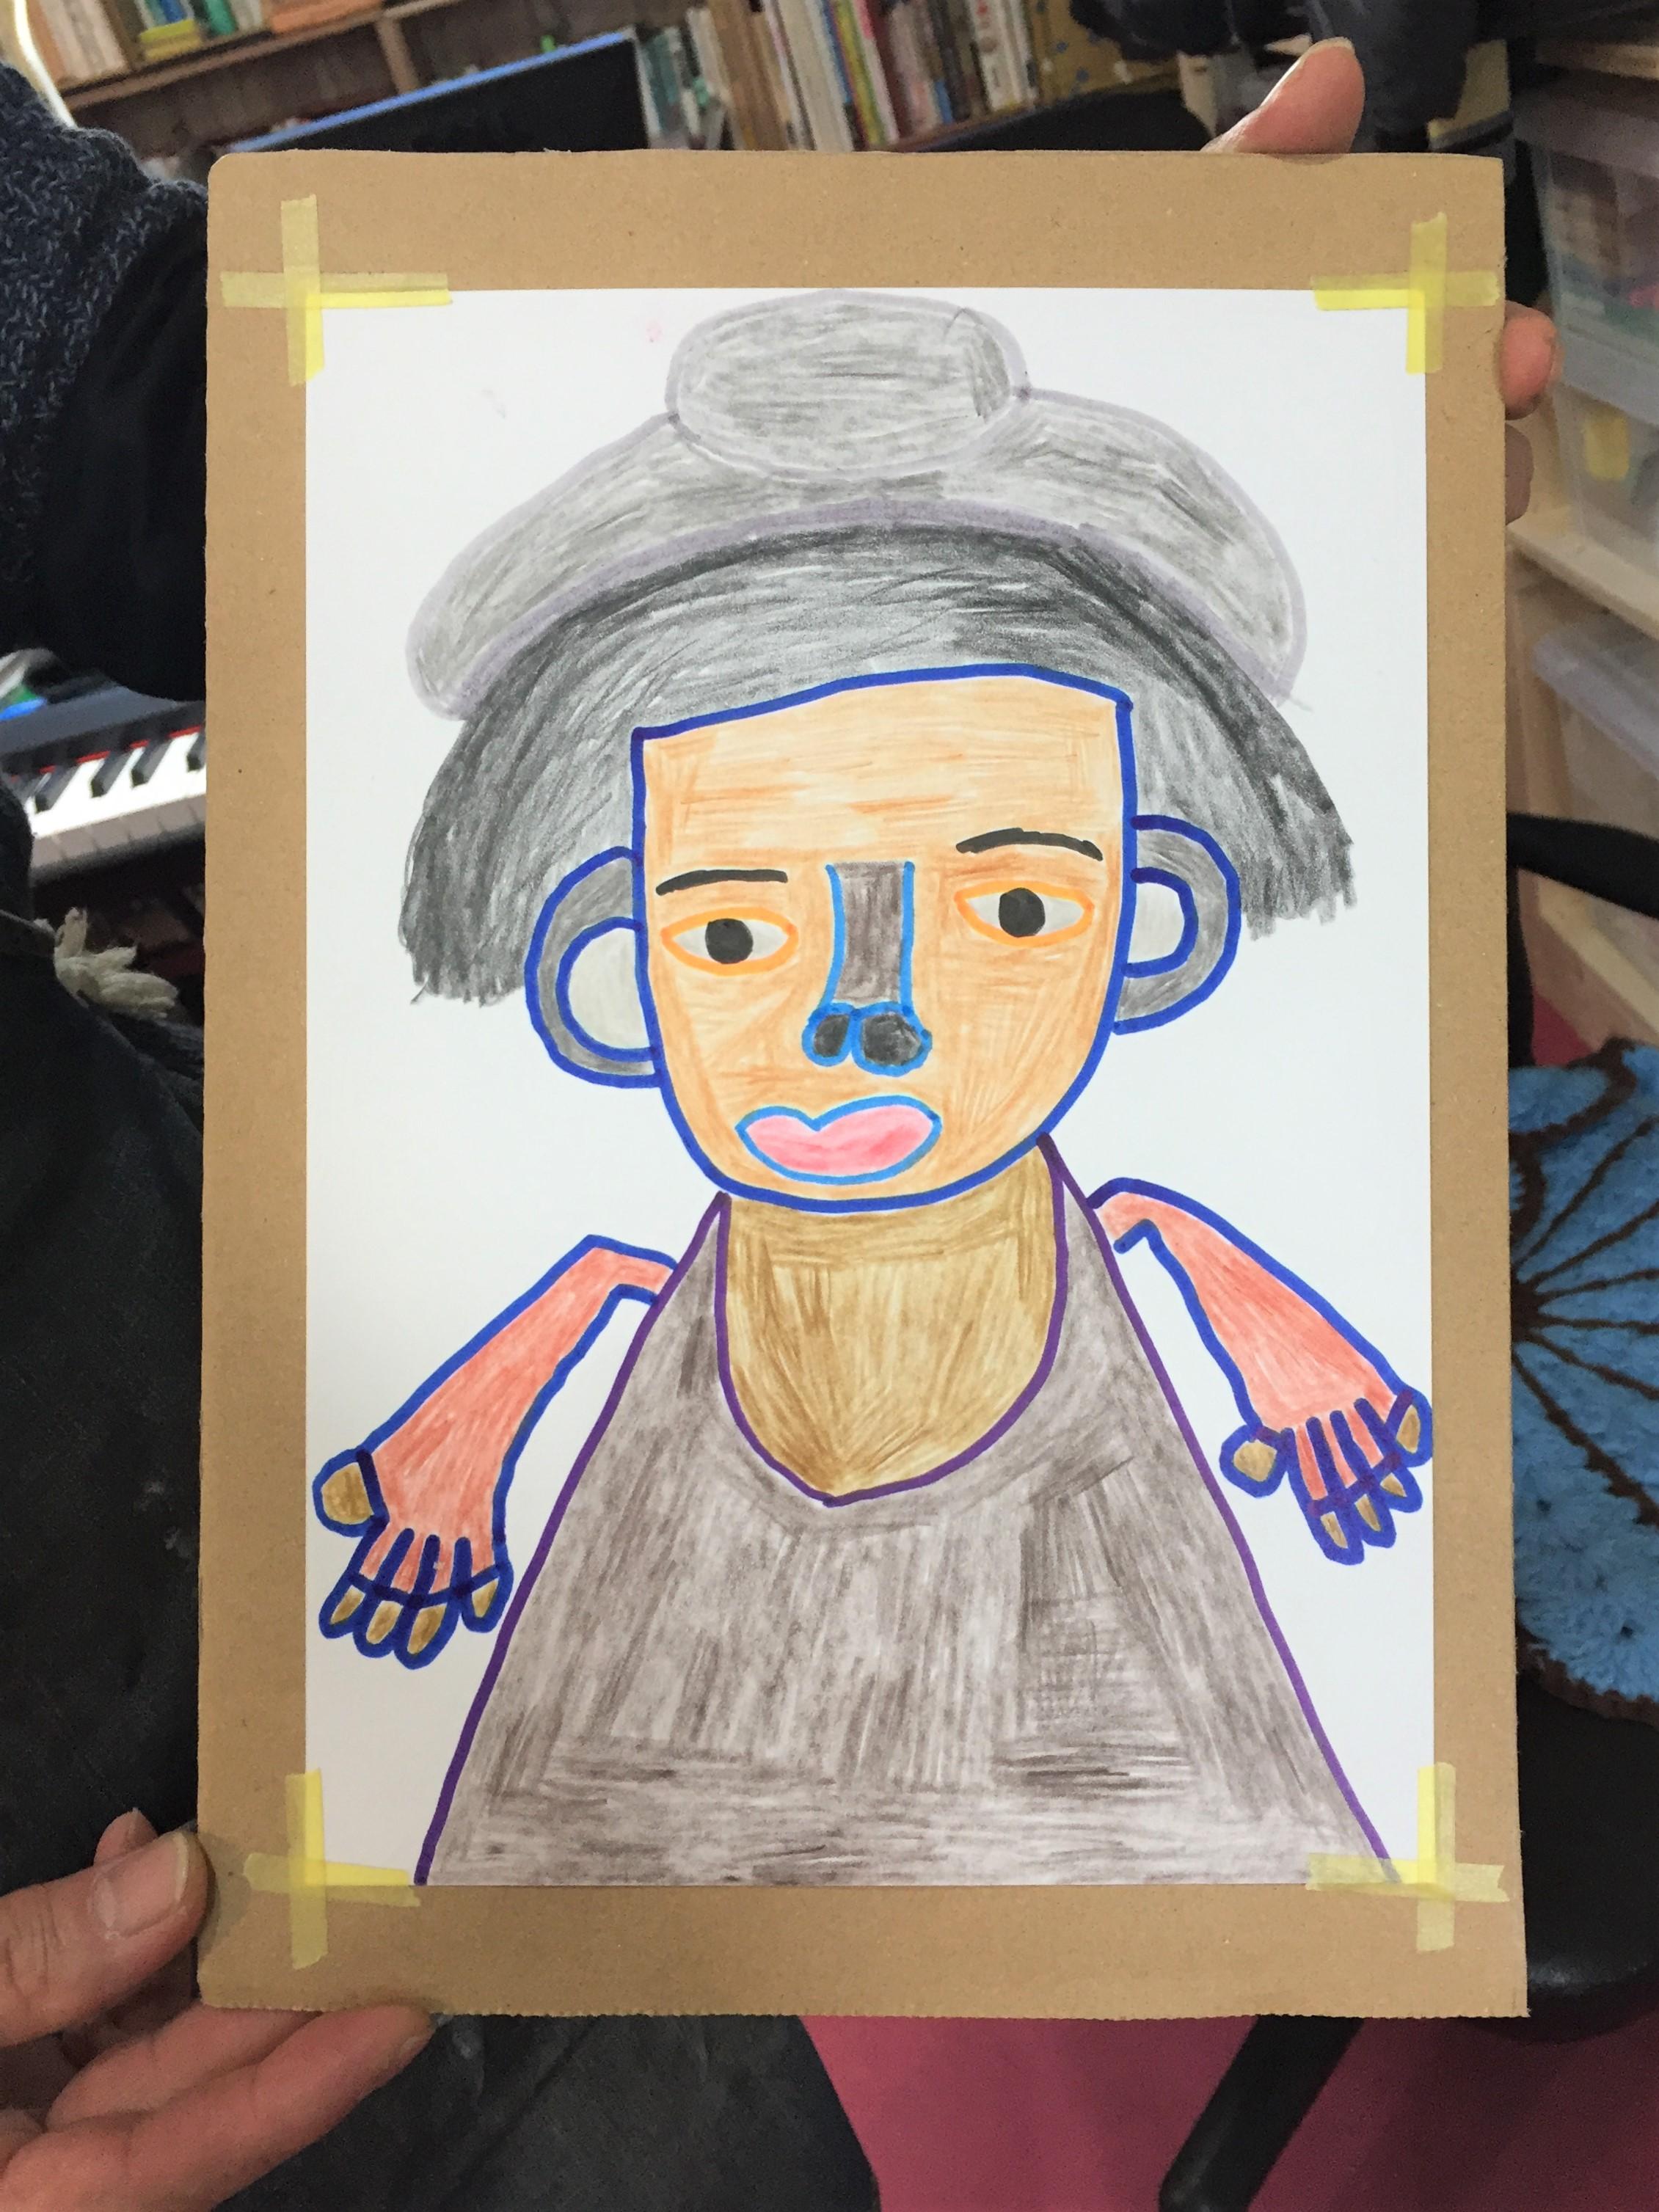 障害をもった人が描いた水野さんの肖像。太い輪郭の中が色鉛筆で丁寧に塗られ何とも言えない味がある。